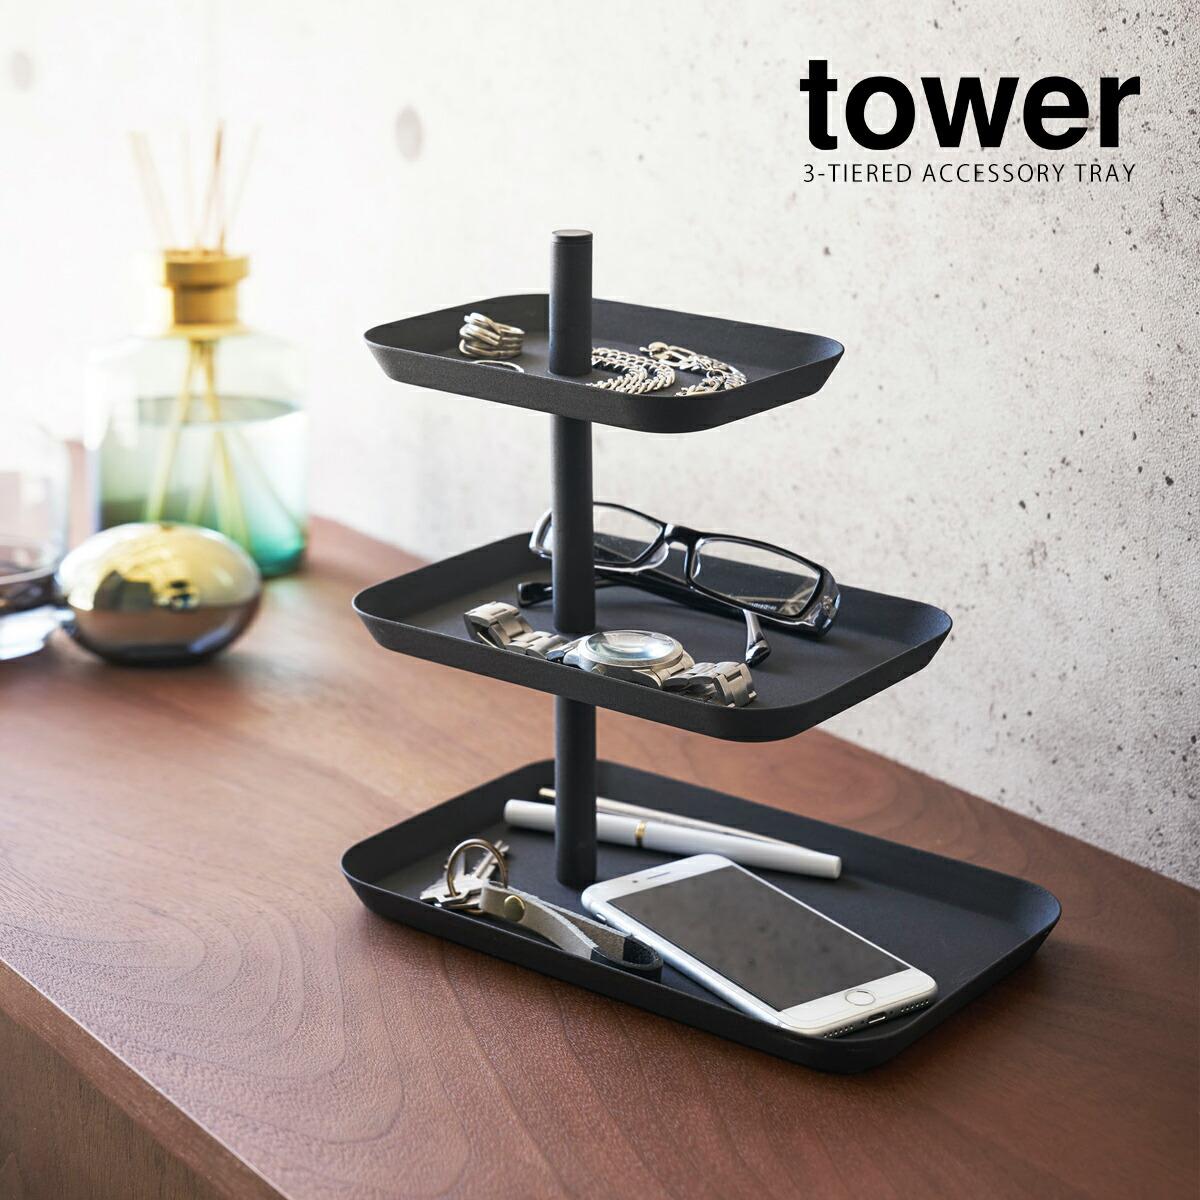 tower / タワー アクセサリー三段トレー 小物 ディスプレイ 収納 3段 シンプル